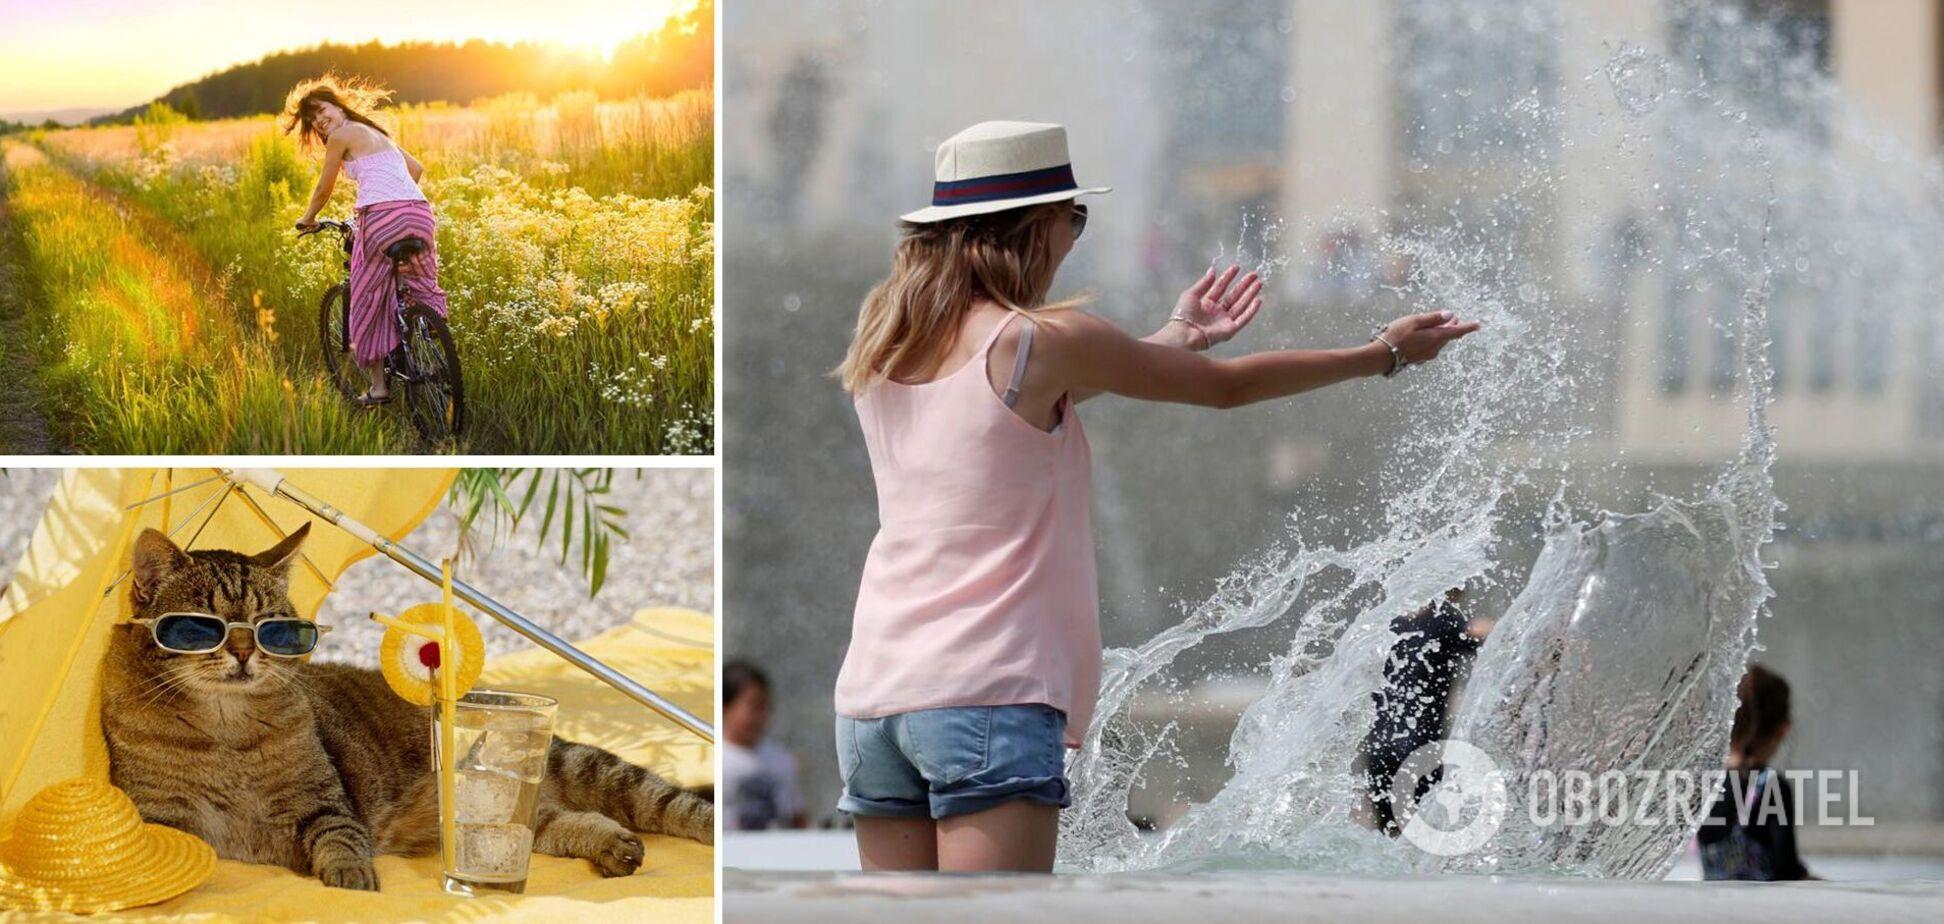 В Украину идет лето: синоптик сказала, когда закончатся дожди и где будет теплее всего. Прогноз